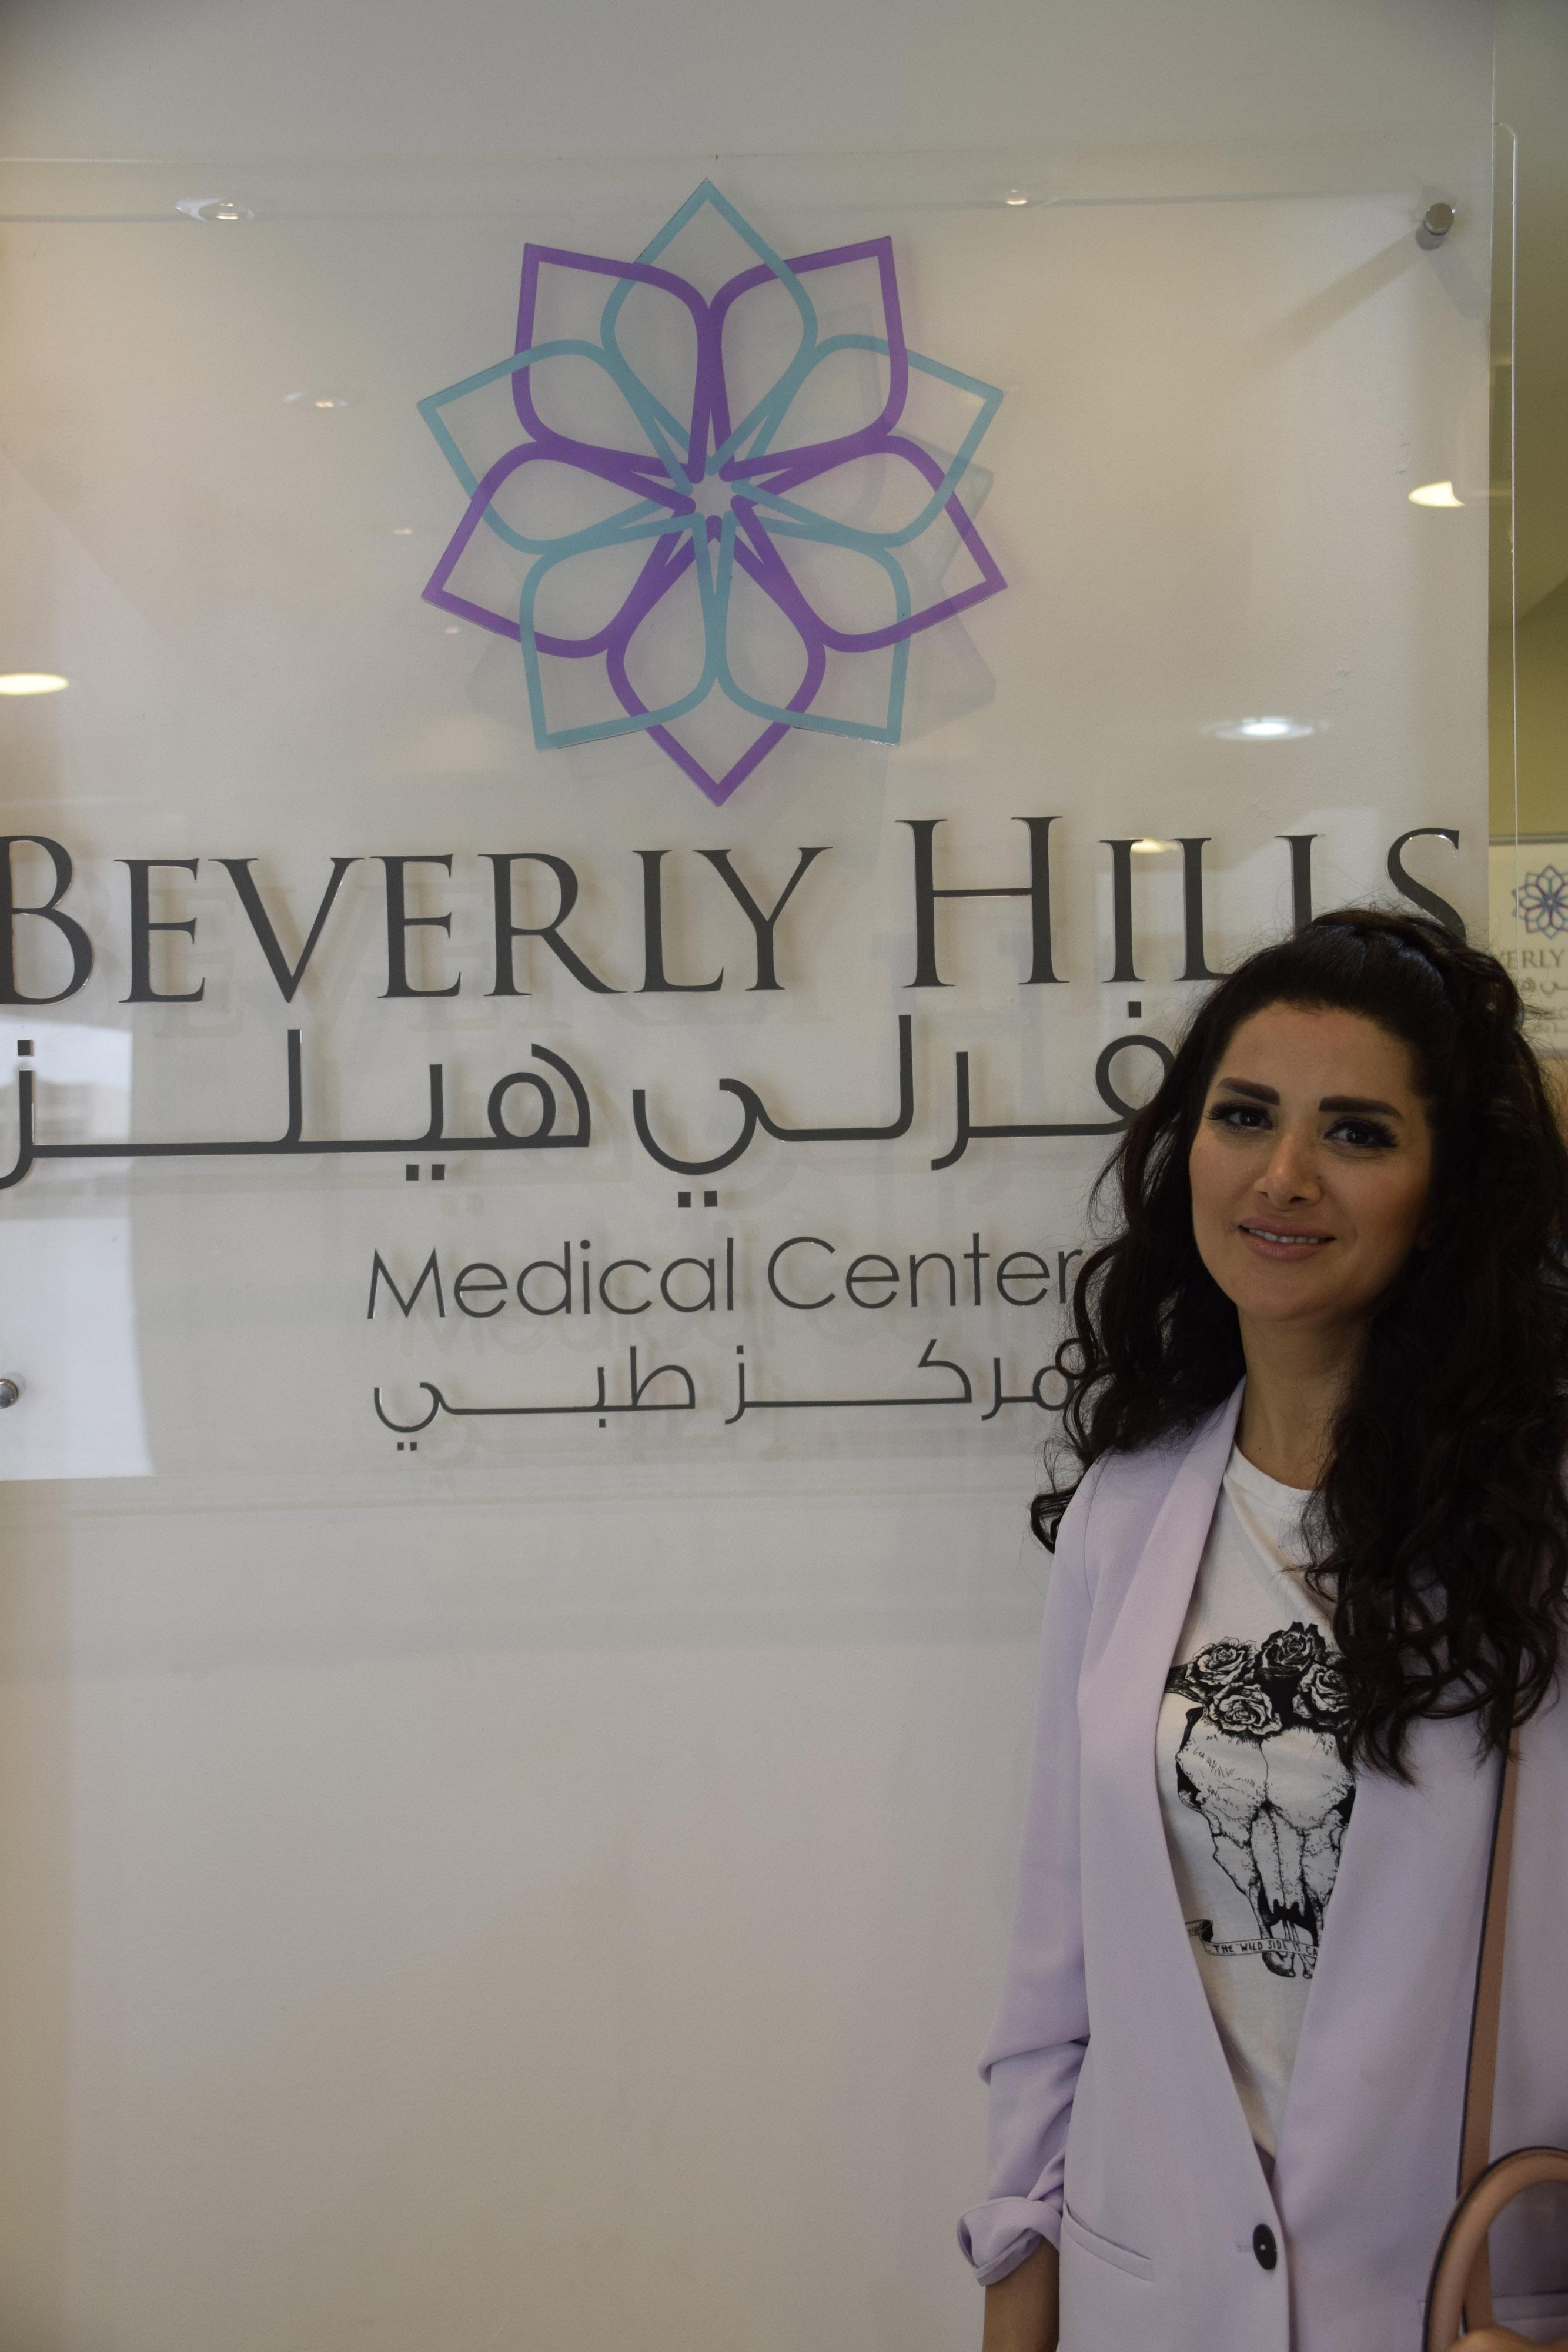 """صورة زين عوض وفيصل الجاسم يعتنيان بصحتهما في """"بيفيرلي هيلز الطبي"""" بأبوظبي"""